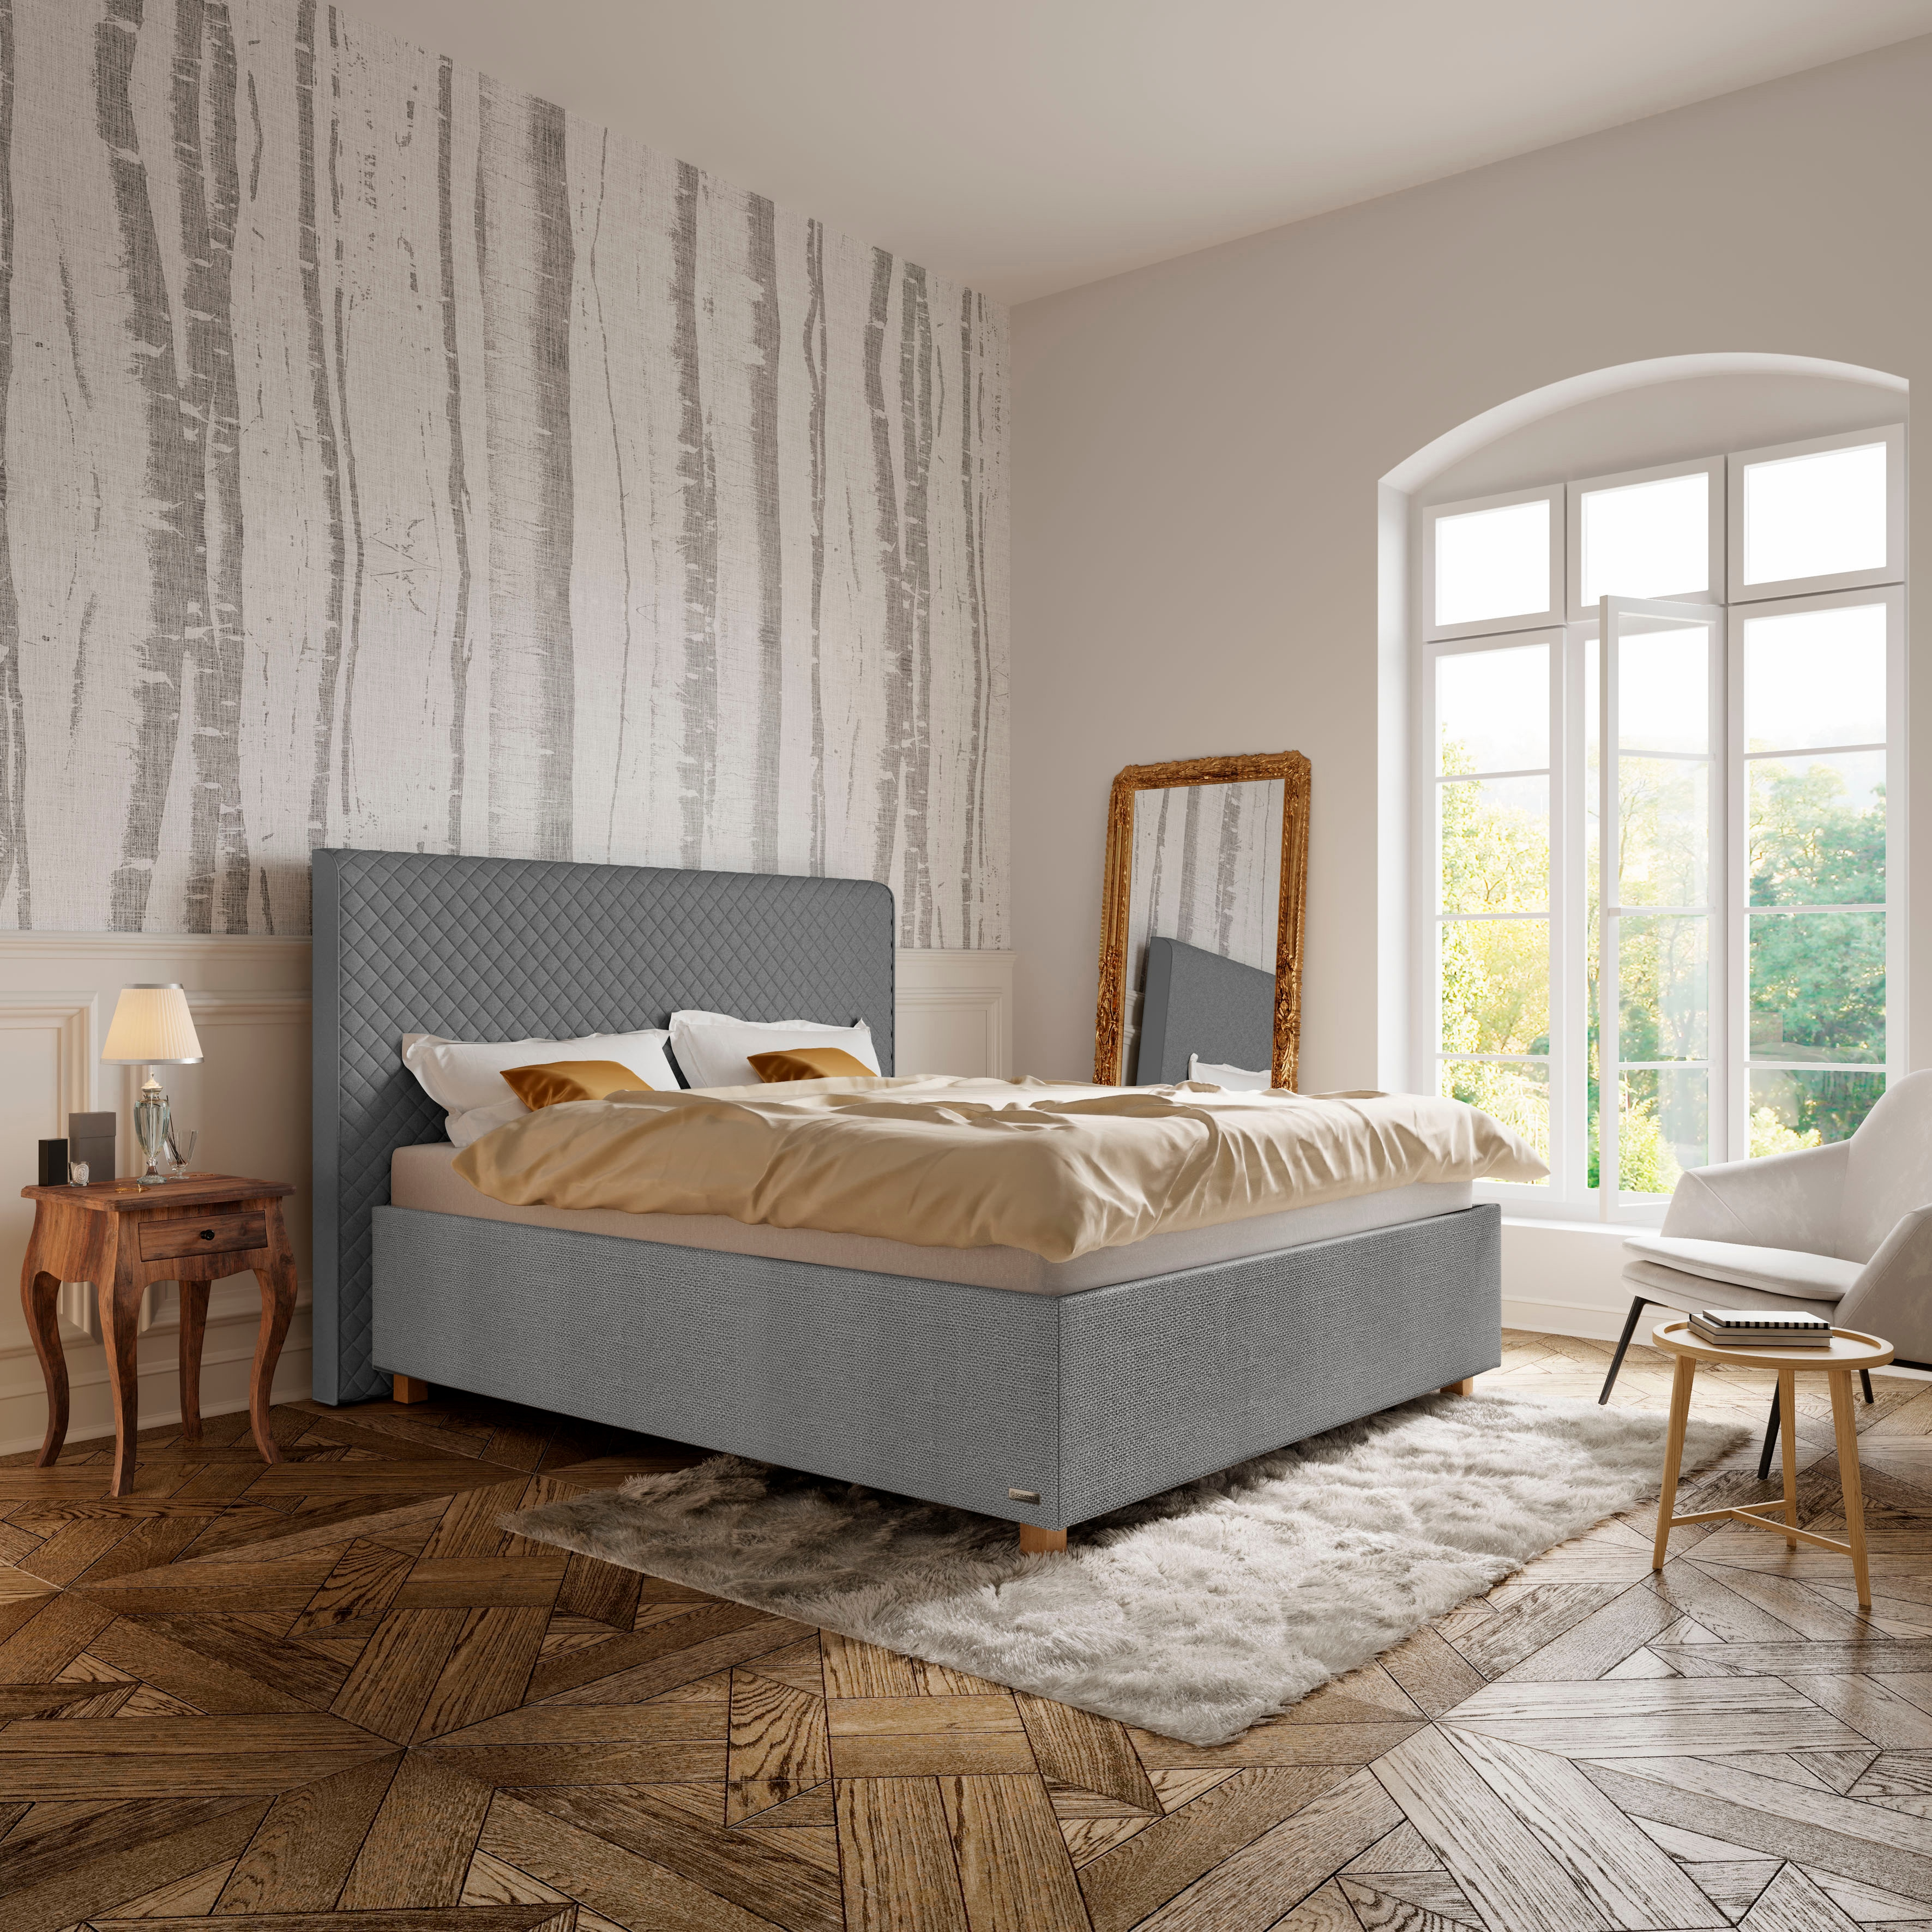 Schlaraffia Polsterbett »Arabella«, Kopfteil Grey, Holzfuß Eiche günstig online kaufen